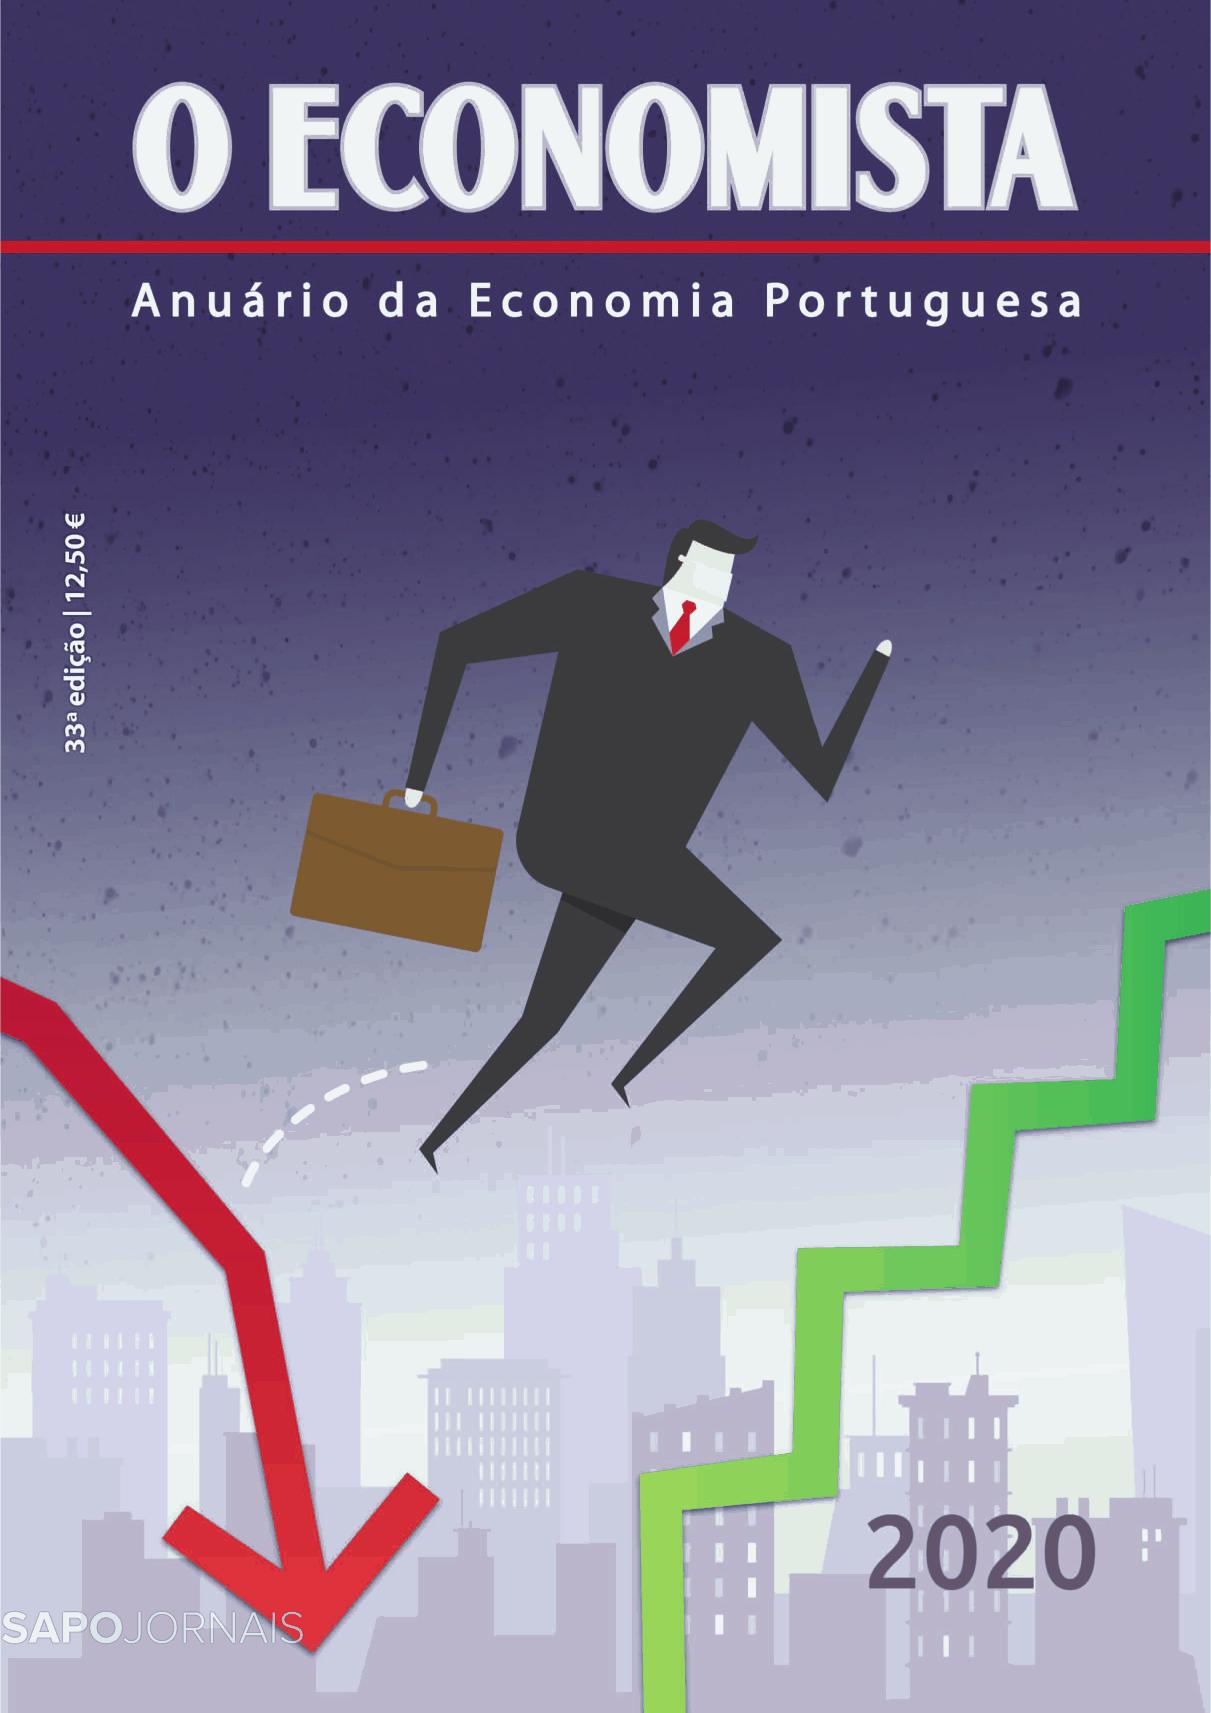 O Economista - Anuário da Economia Portuguesa